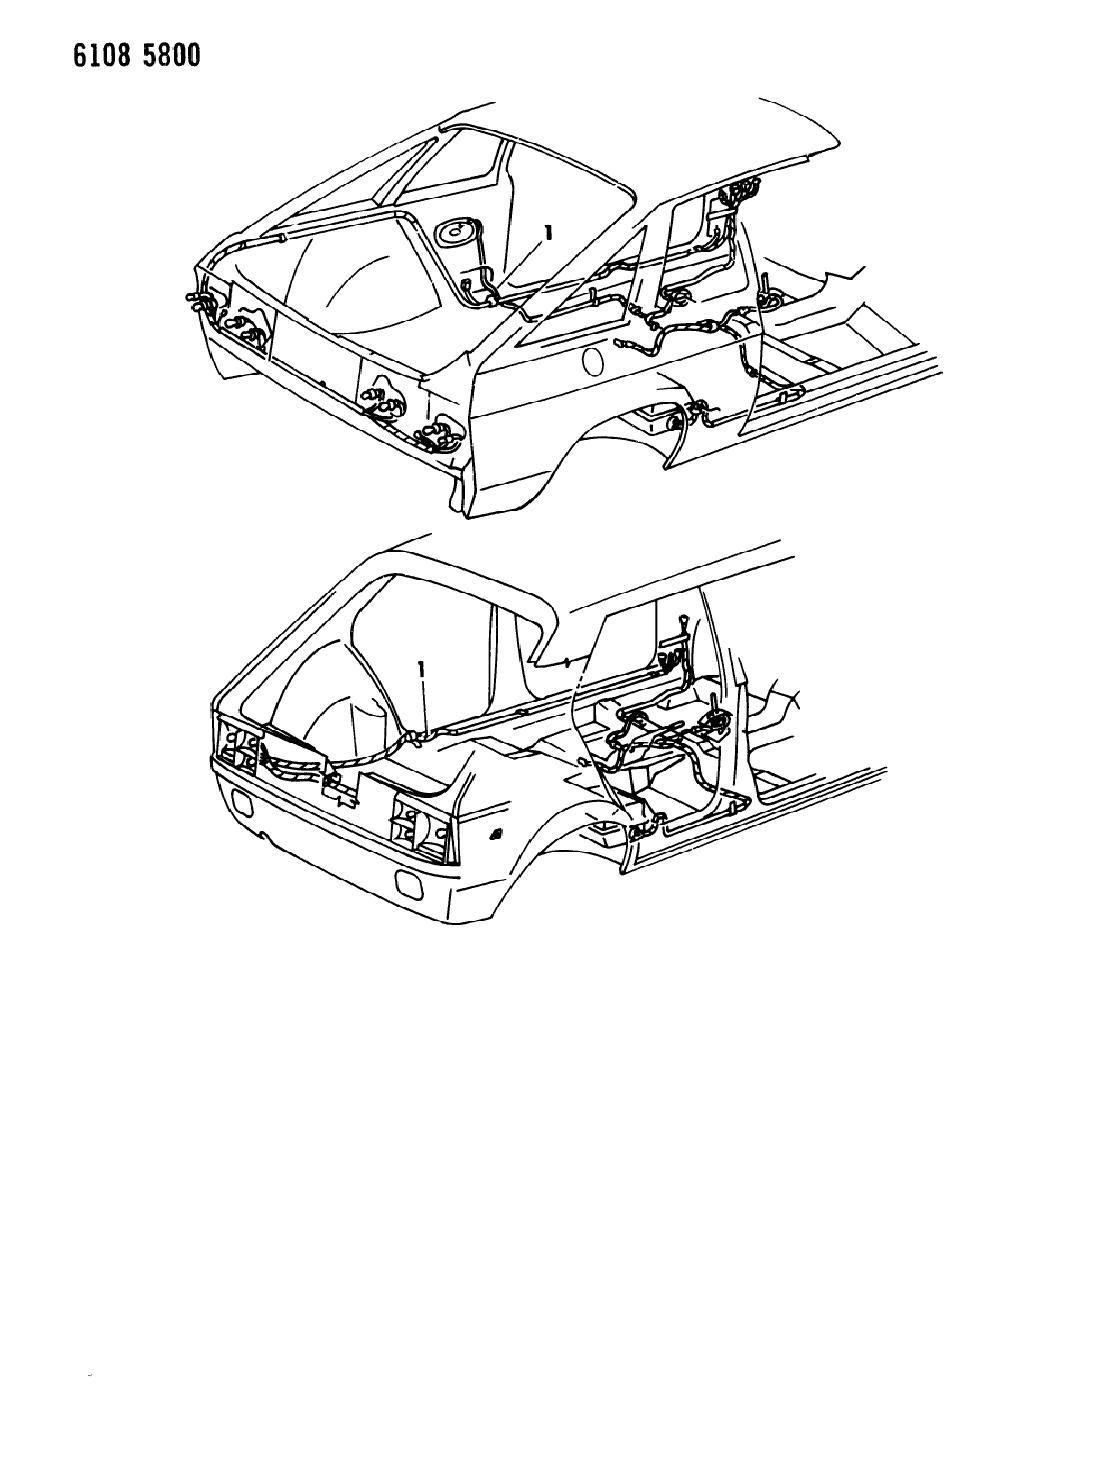 1986 dodge omni wiring body accessories mopar parts giant 1986 dodge omni wiring body accessories